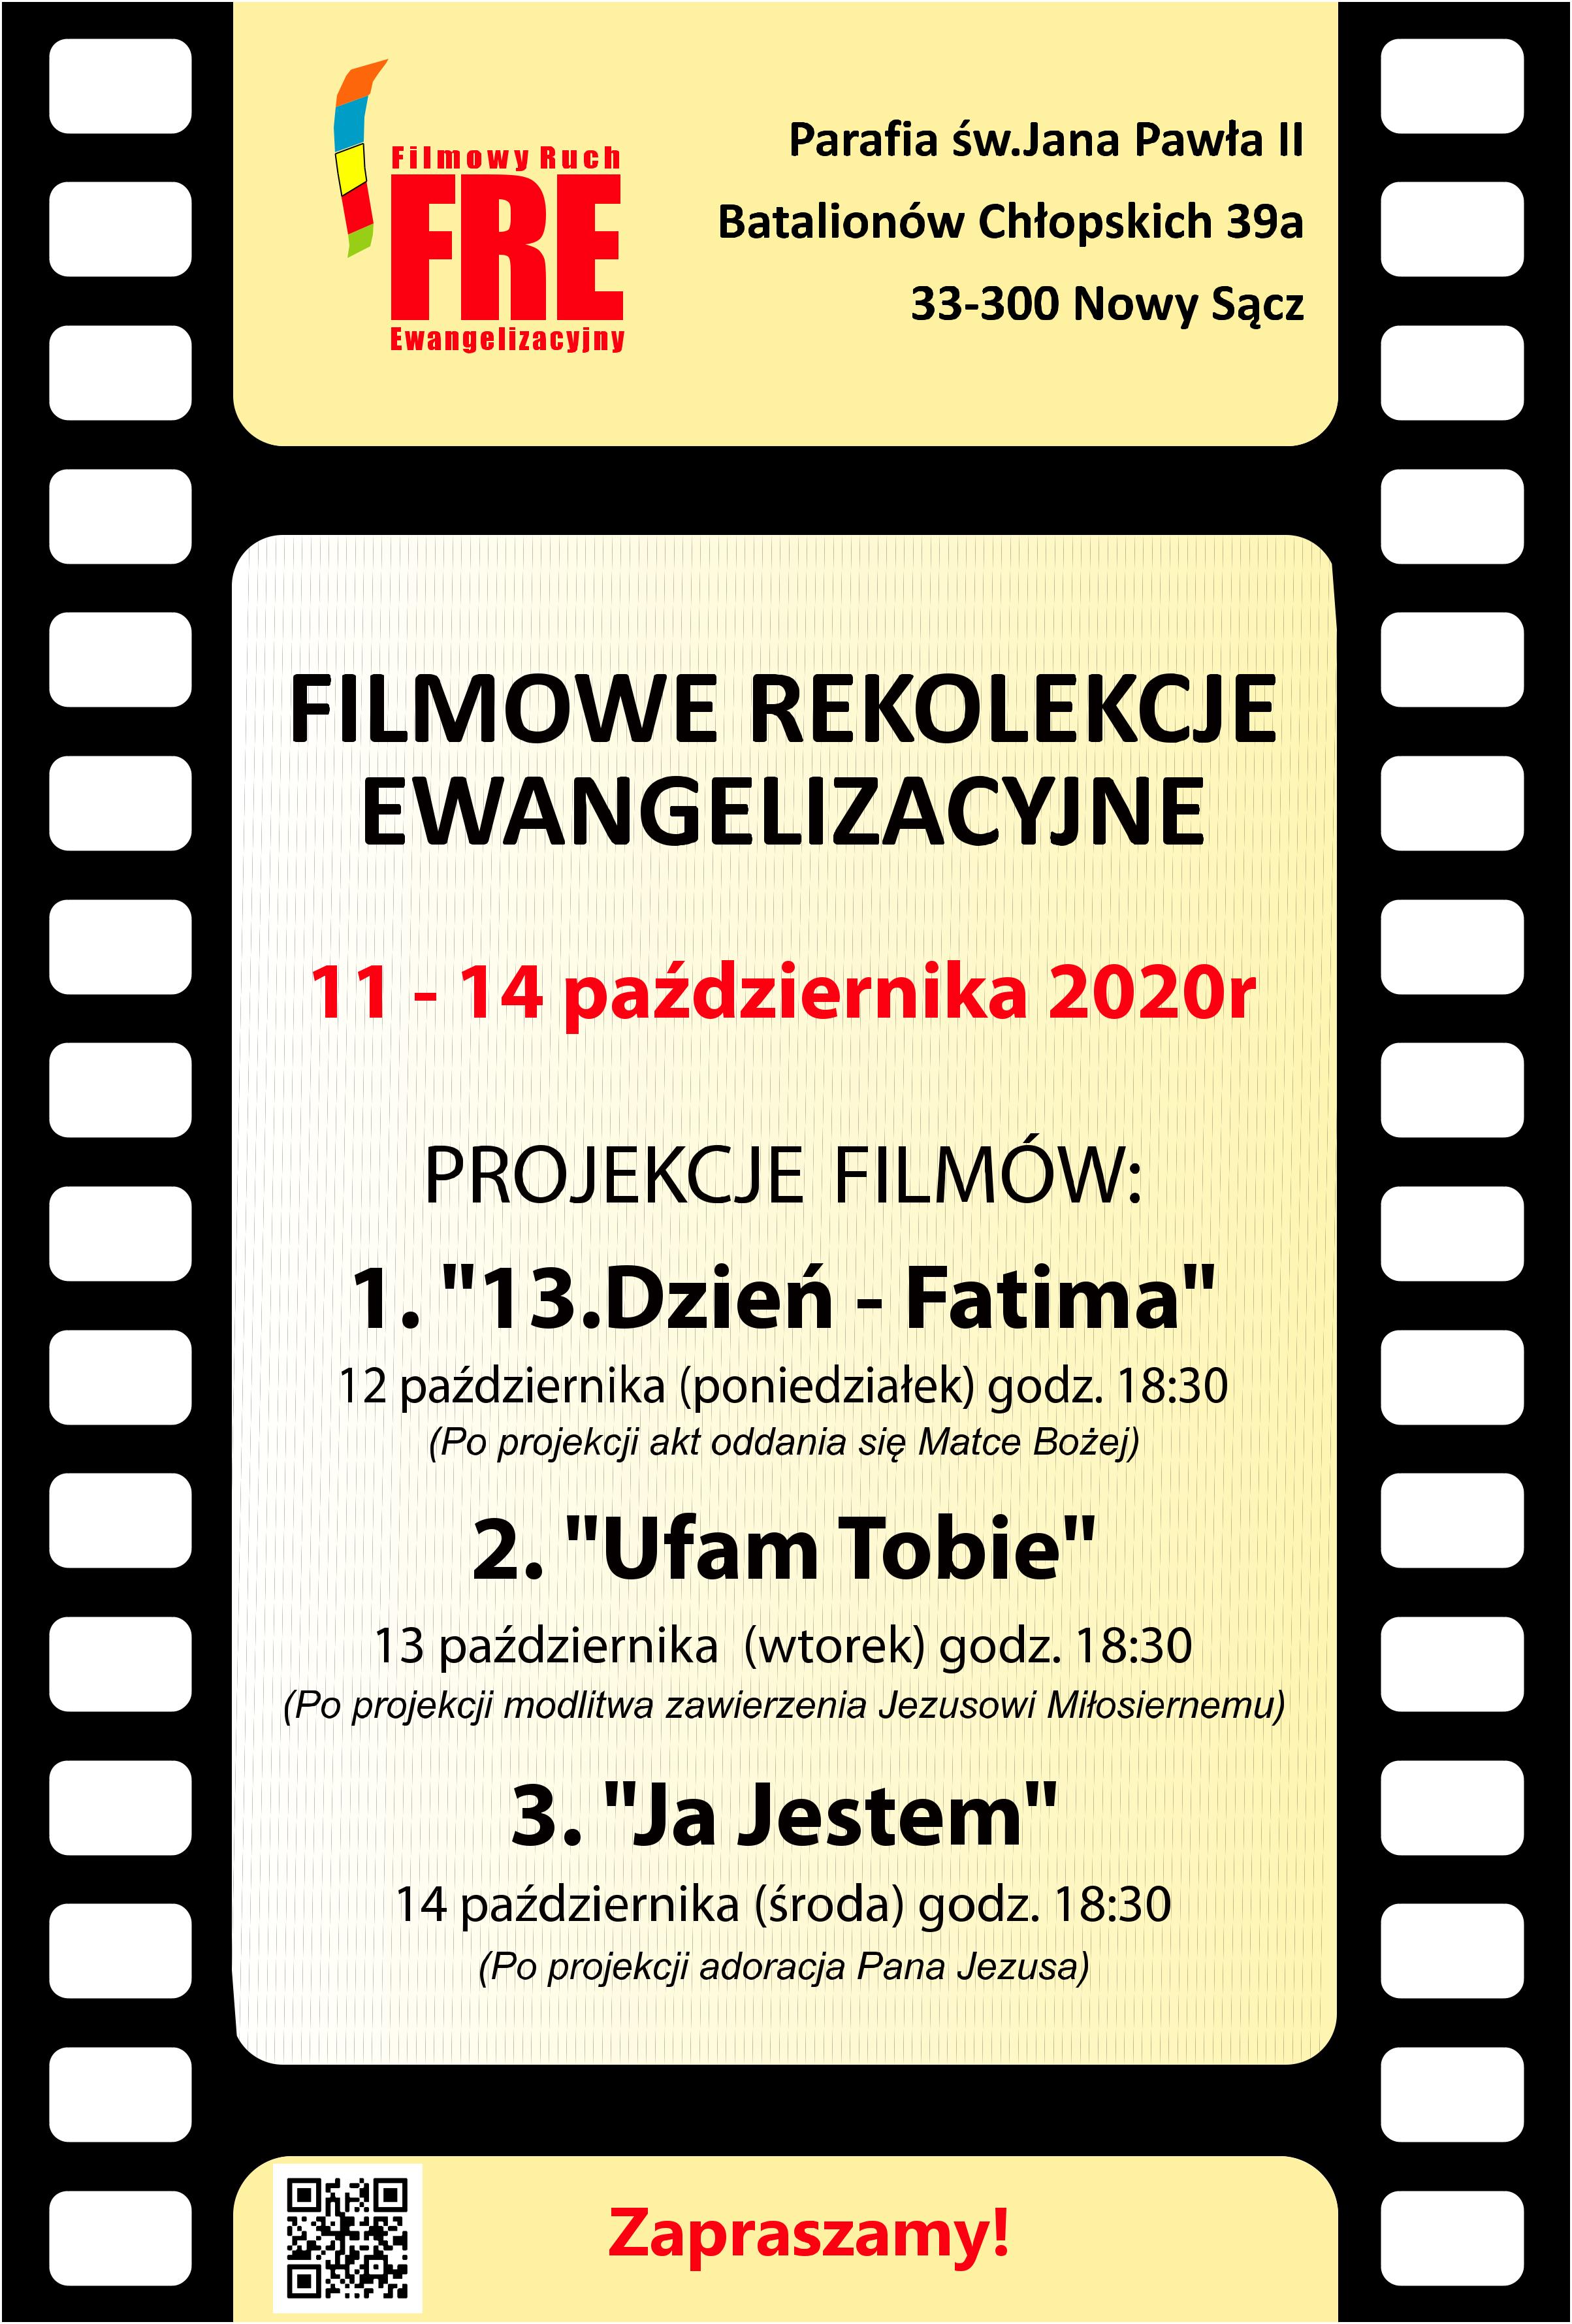 Rekolekcje filmowe! Zapraszamy!